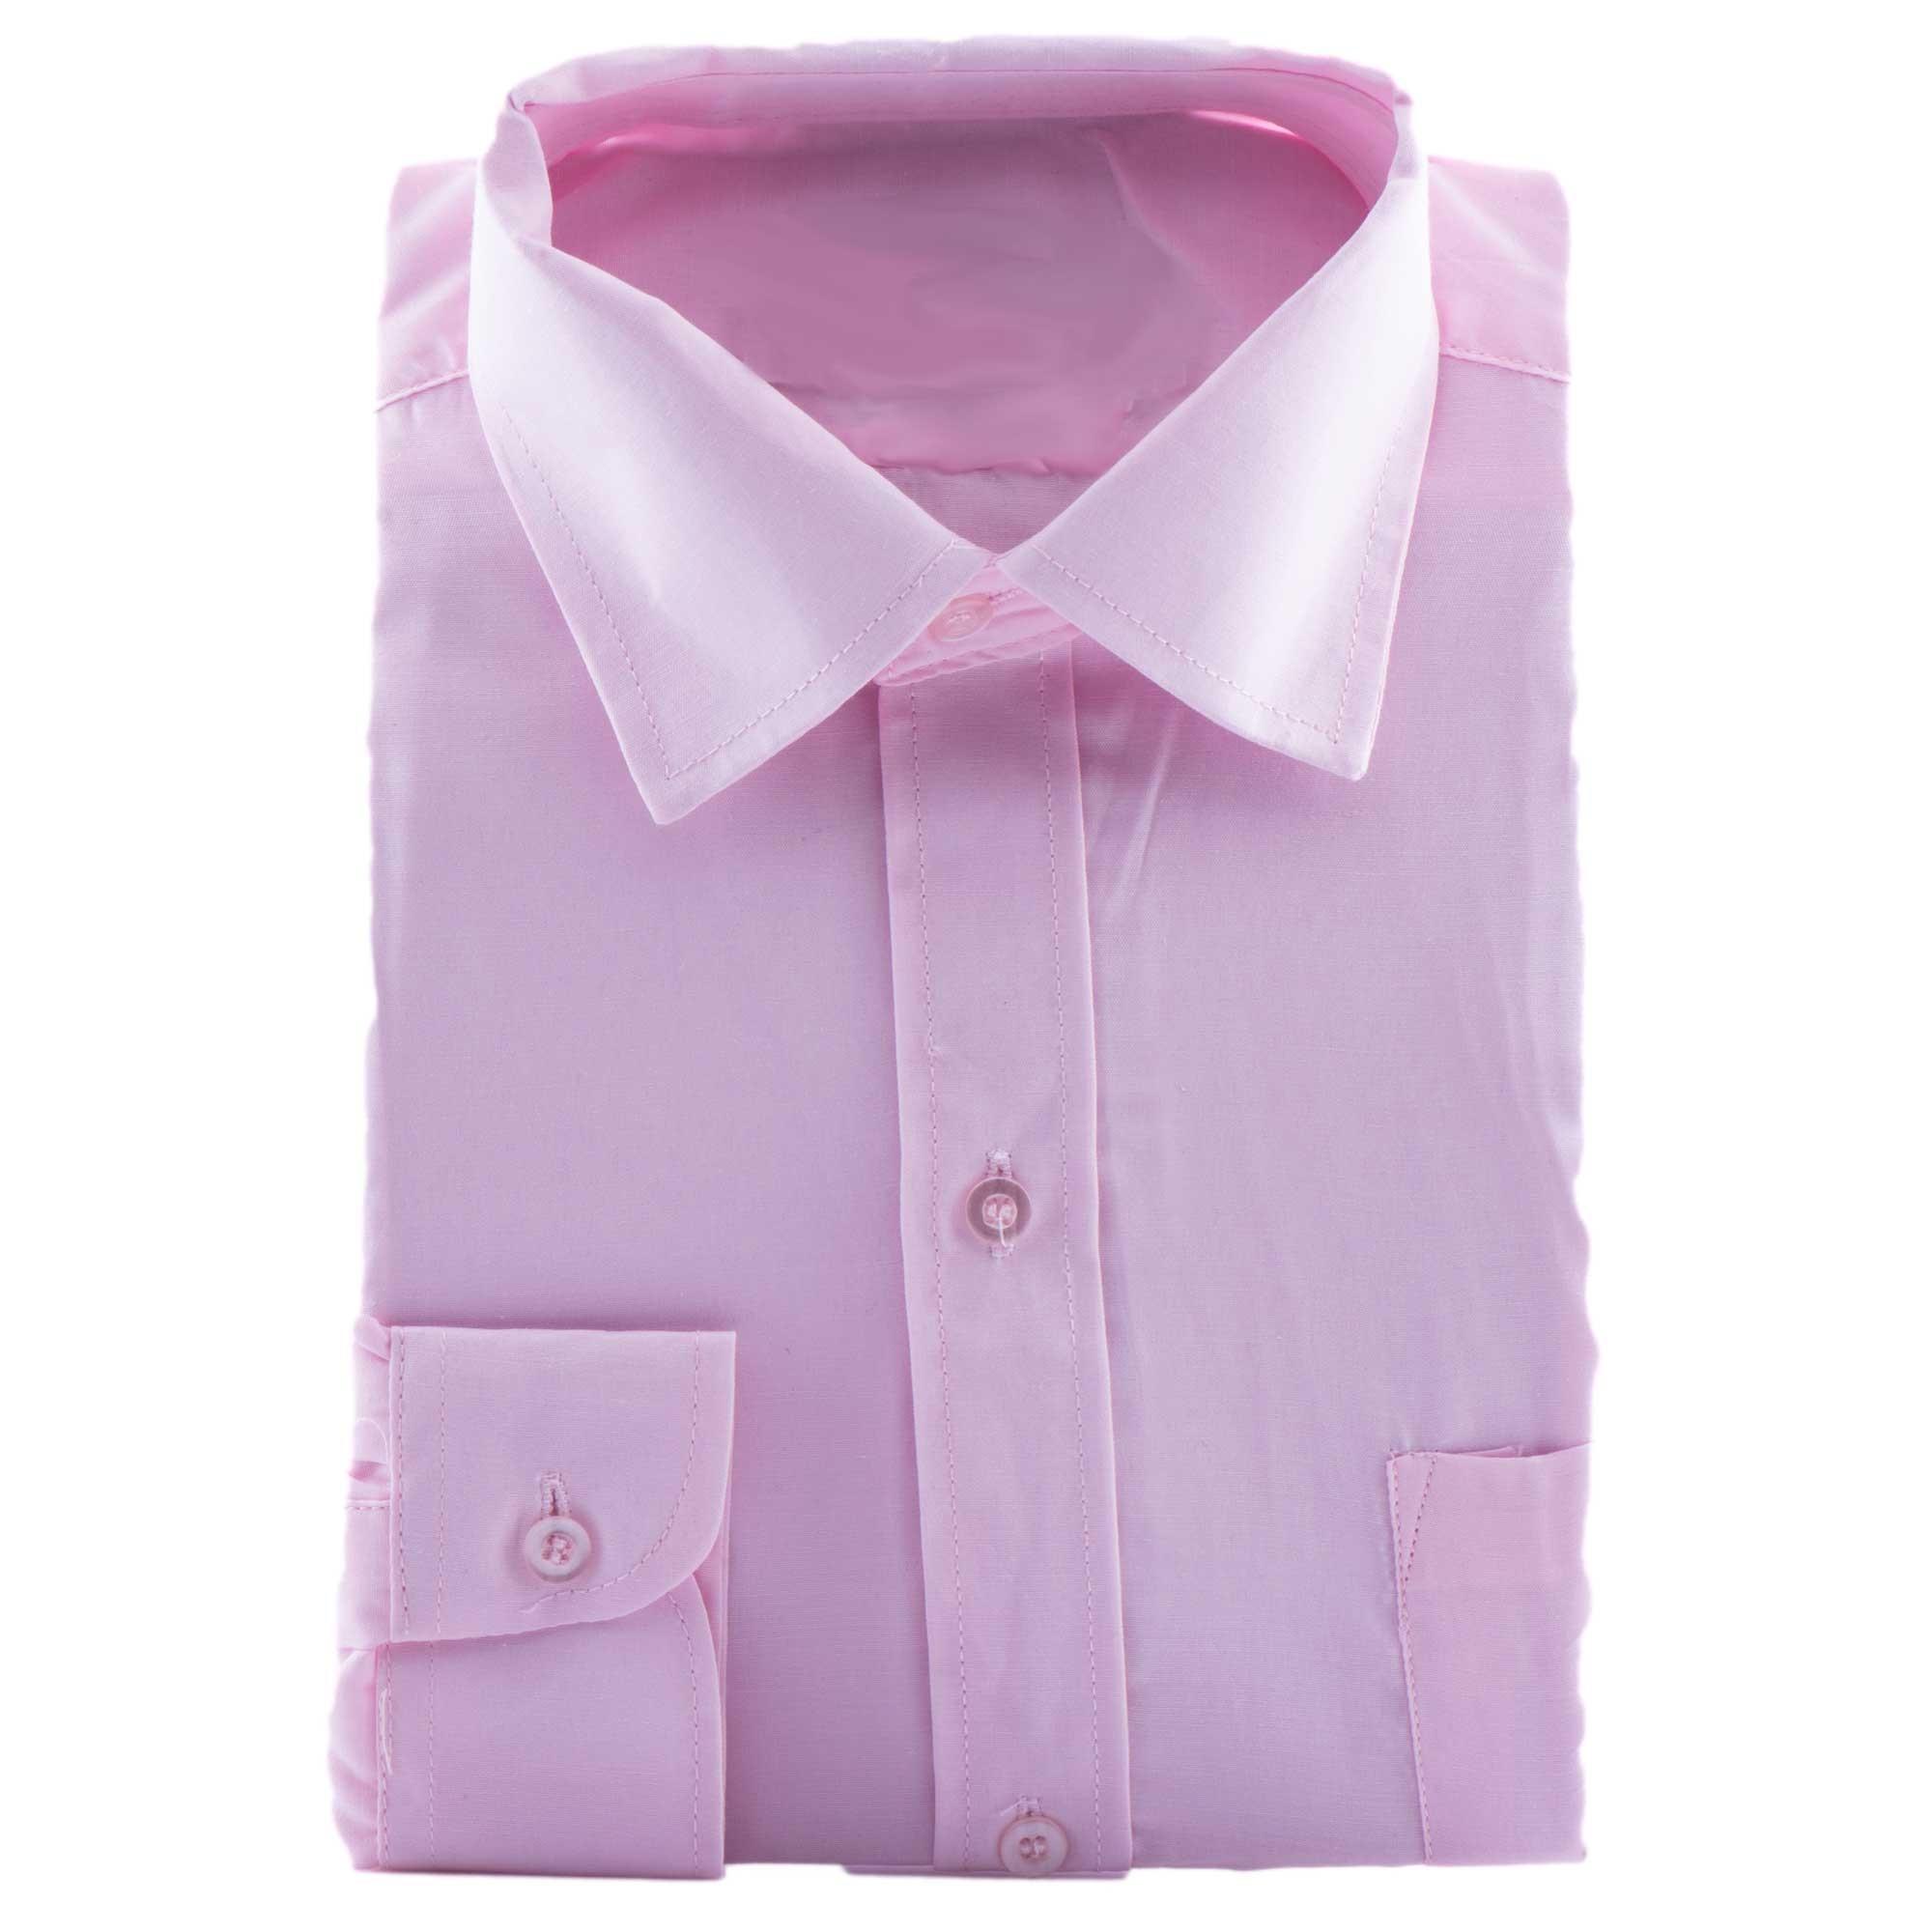 Bruidsjonkers overhemd in de kleur roze